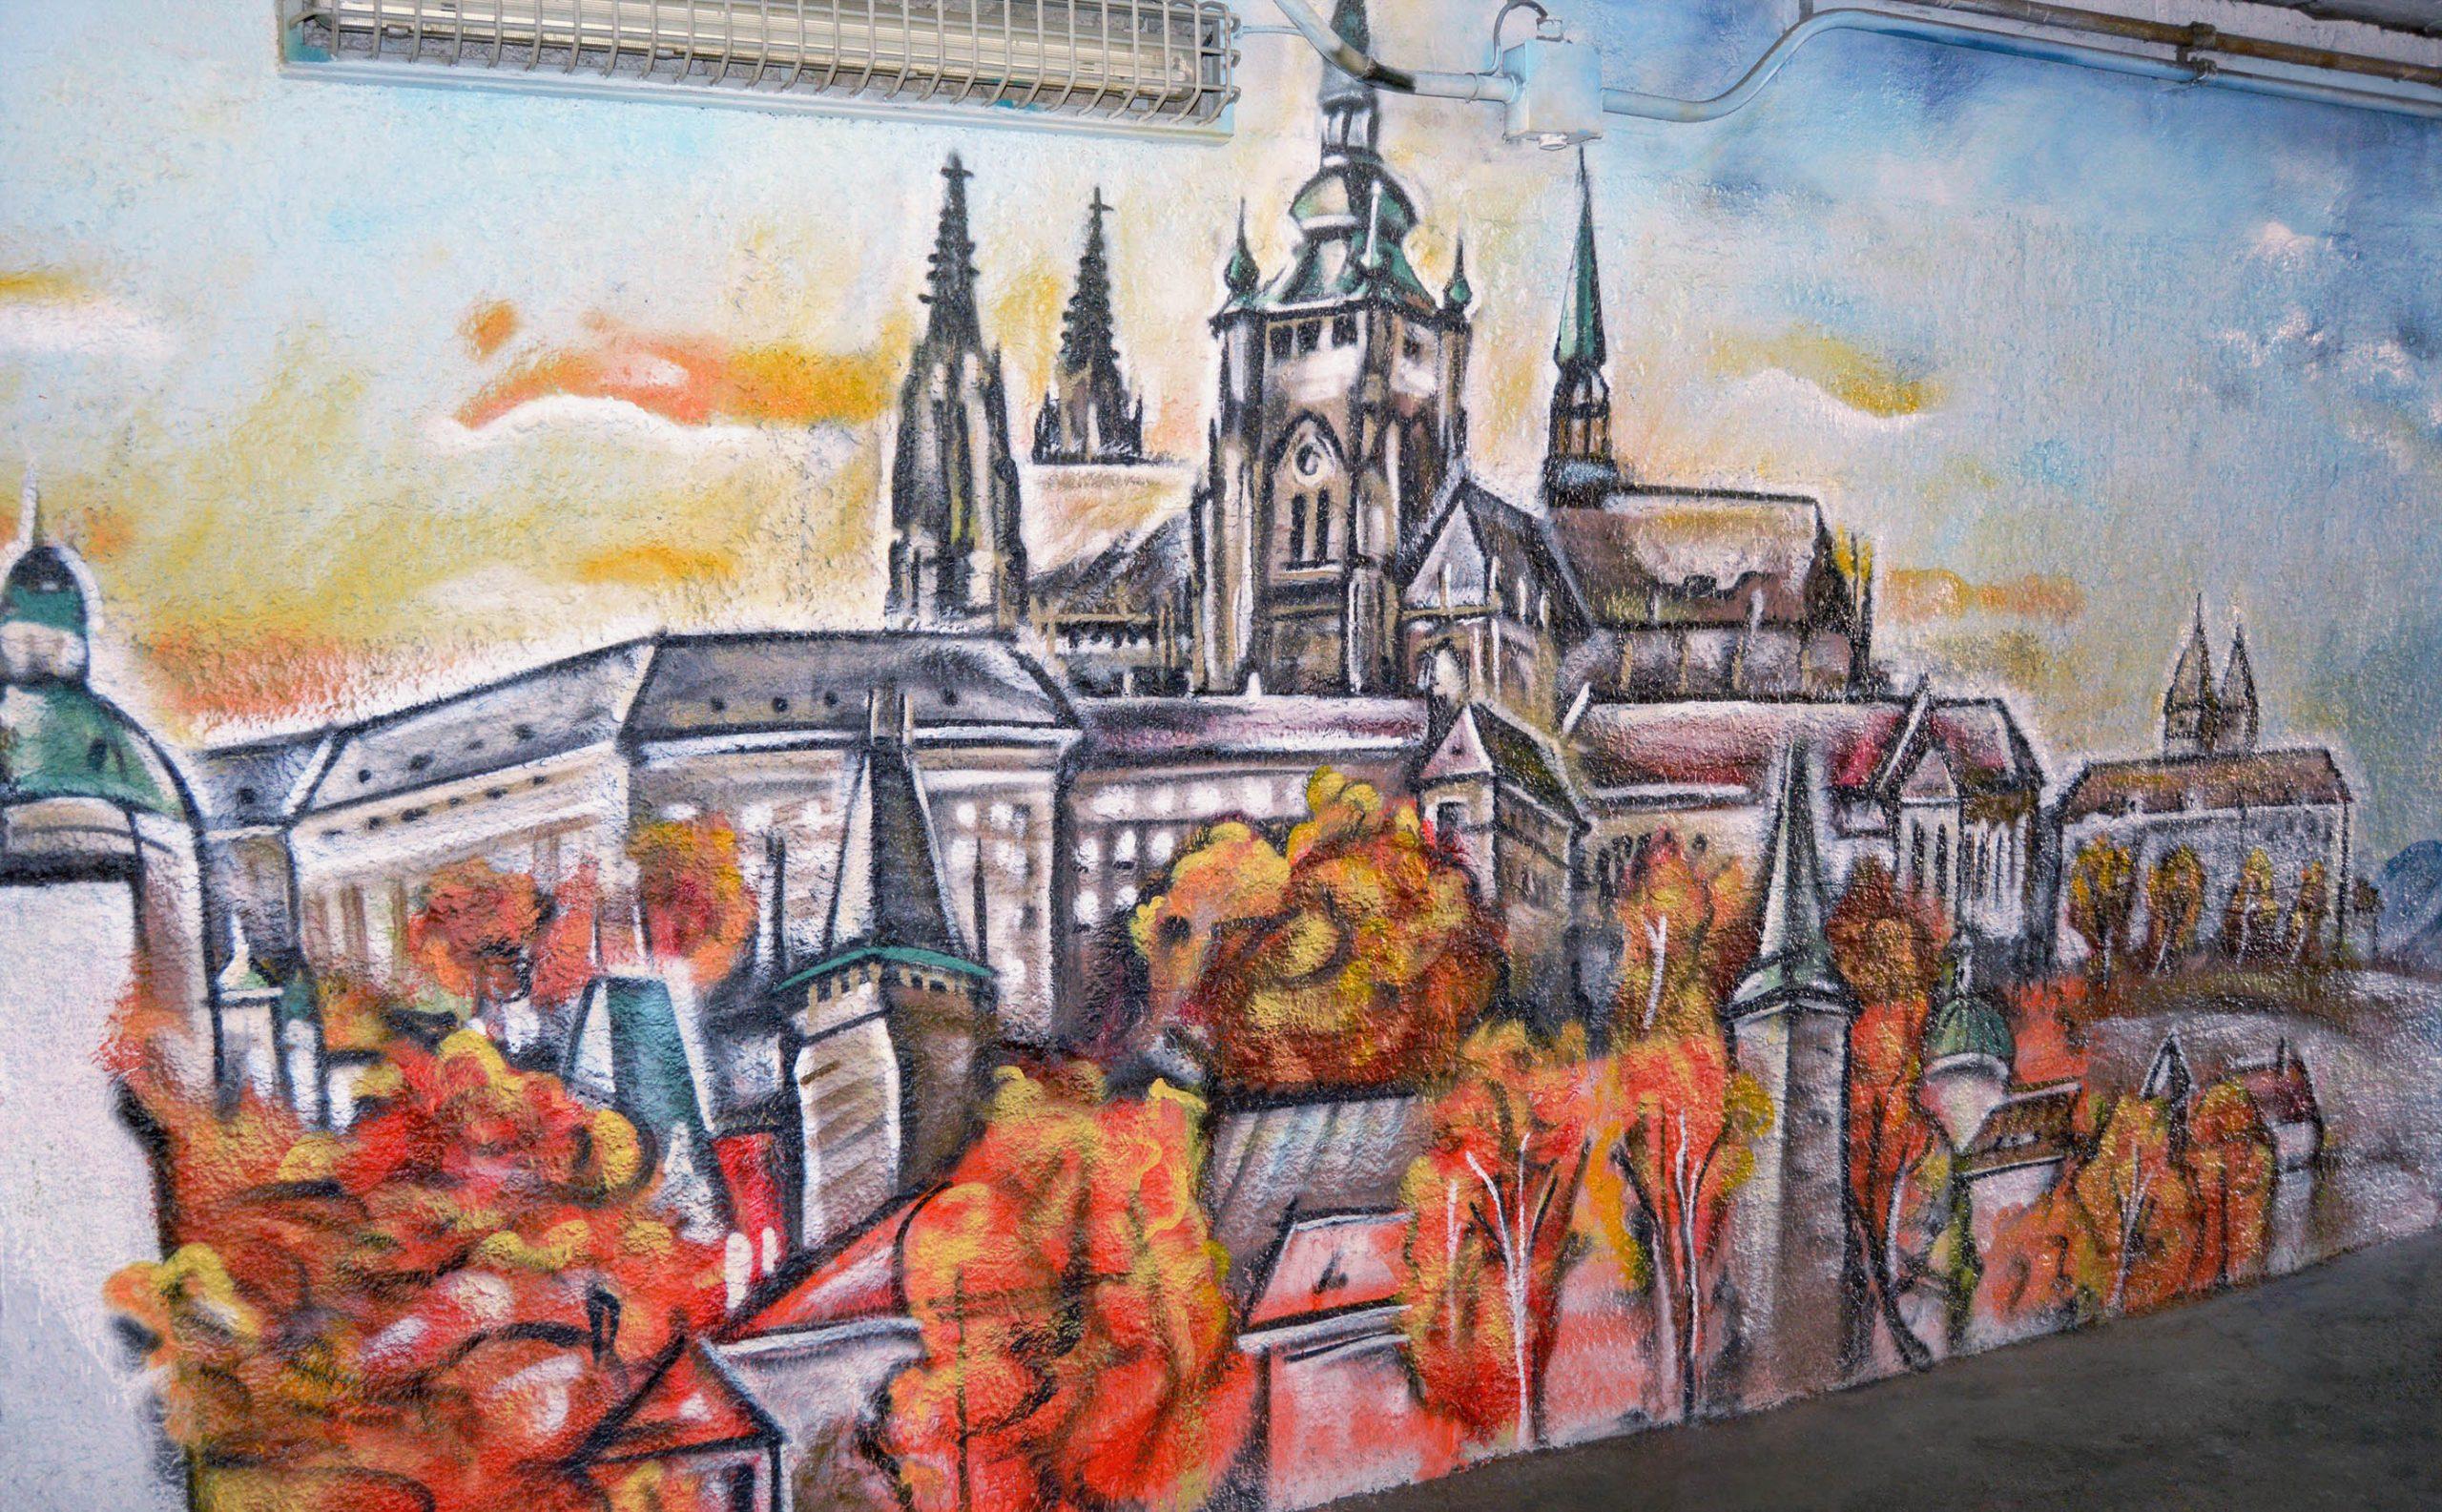 Ročné obdobia v podchode, Praha 2019